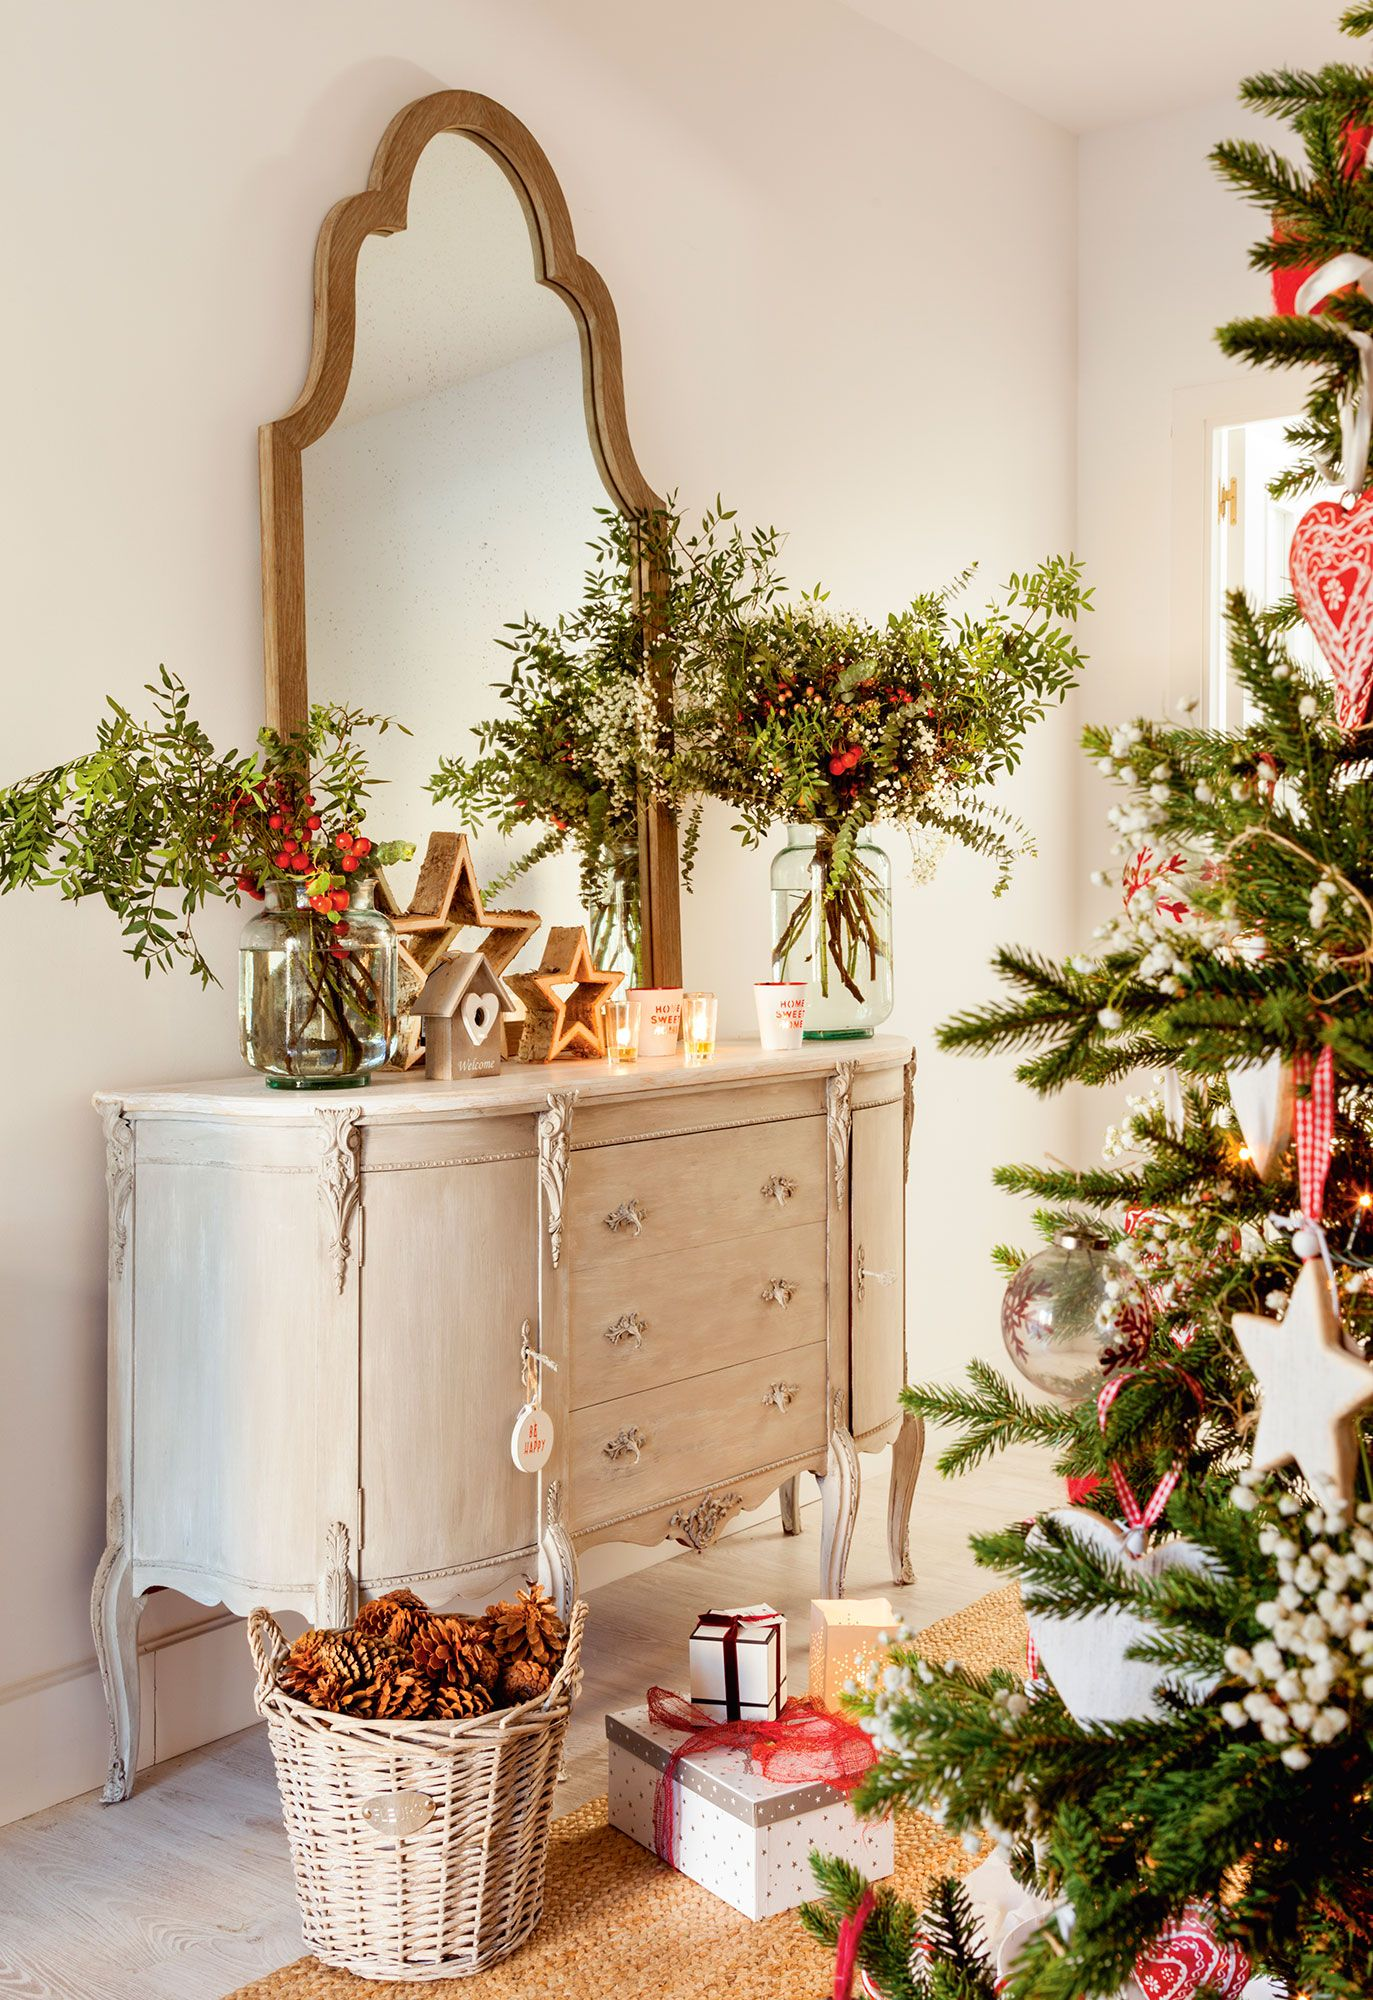 Navidad ideas para decorar de verde natural tu recibidor for Ideas para adornar puertas en navidad